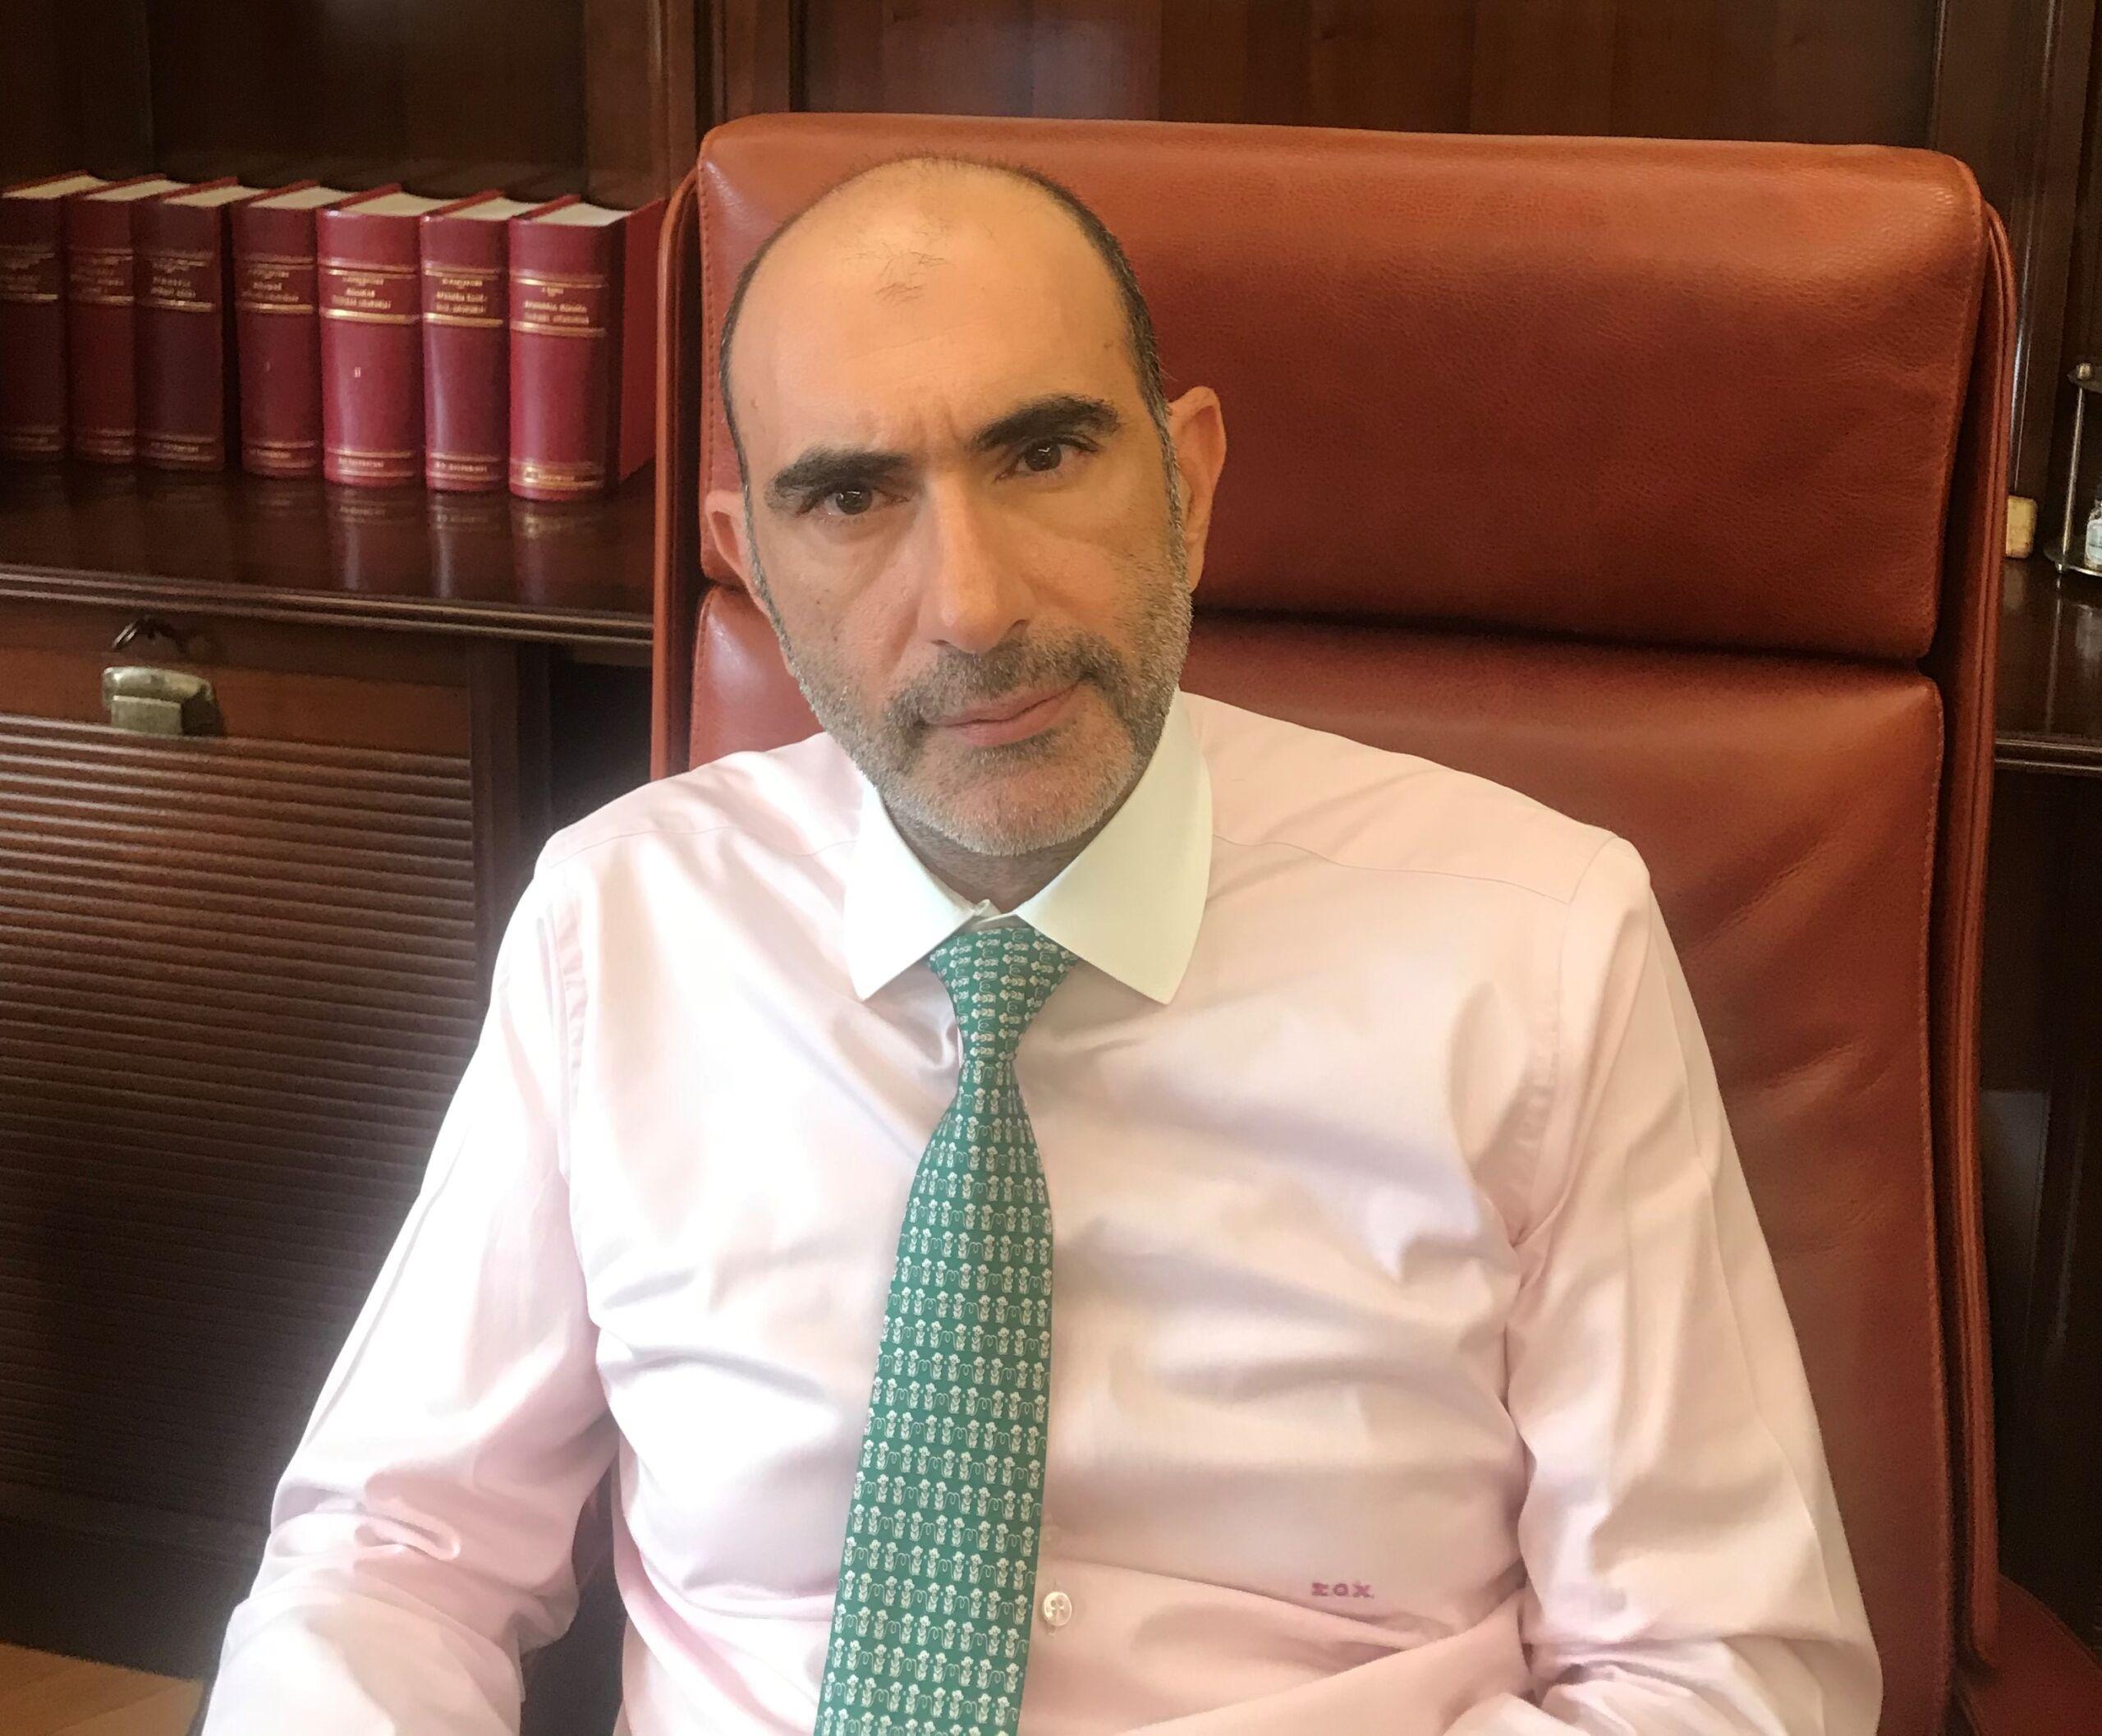 Σταύρος Χούρσογλου : Η δίκη της Χρυσής Αυγής, η κοινή γνώμη και το τεκμήριο της αθωότητας